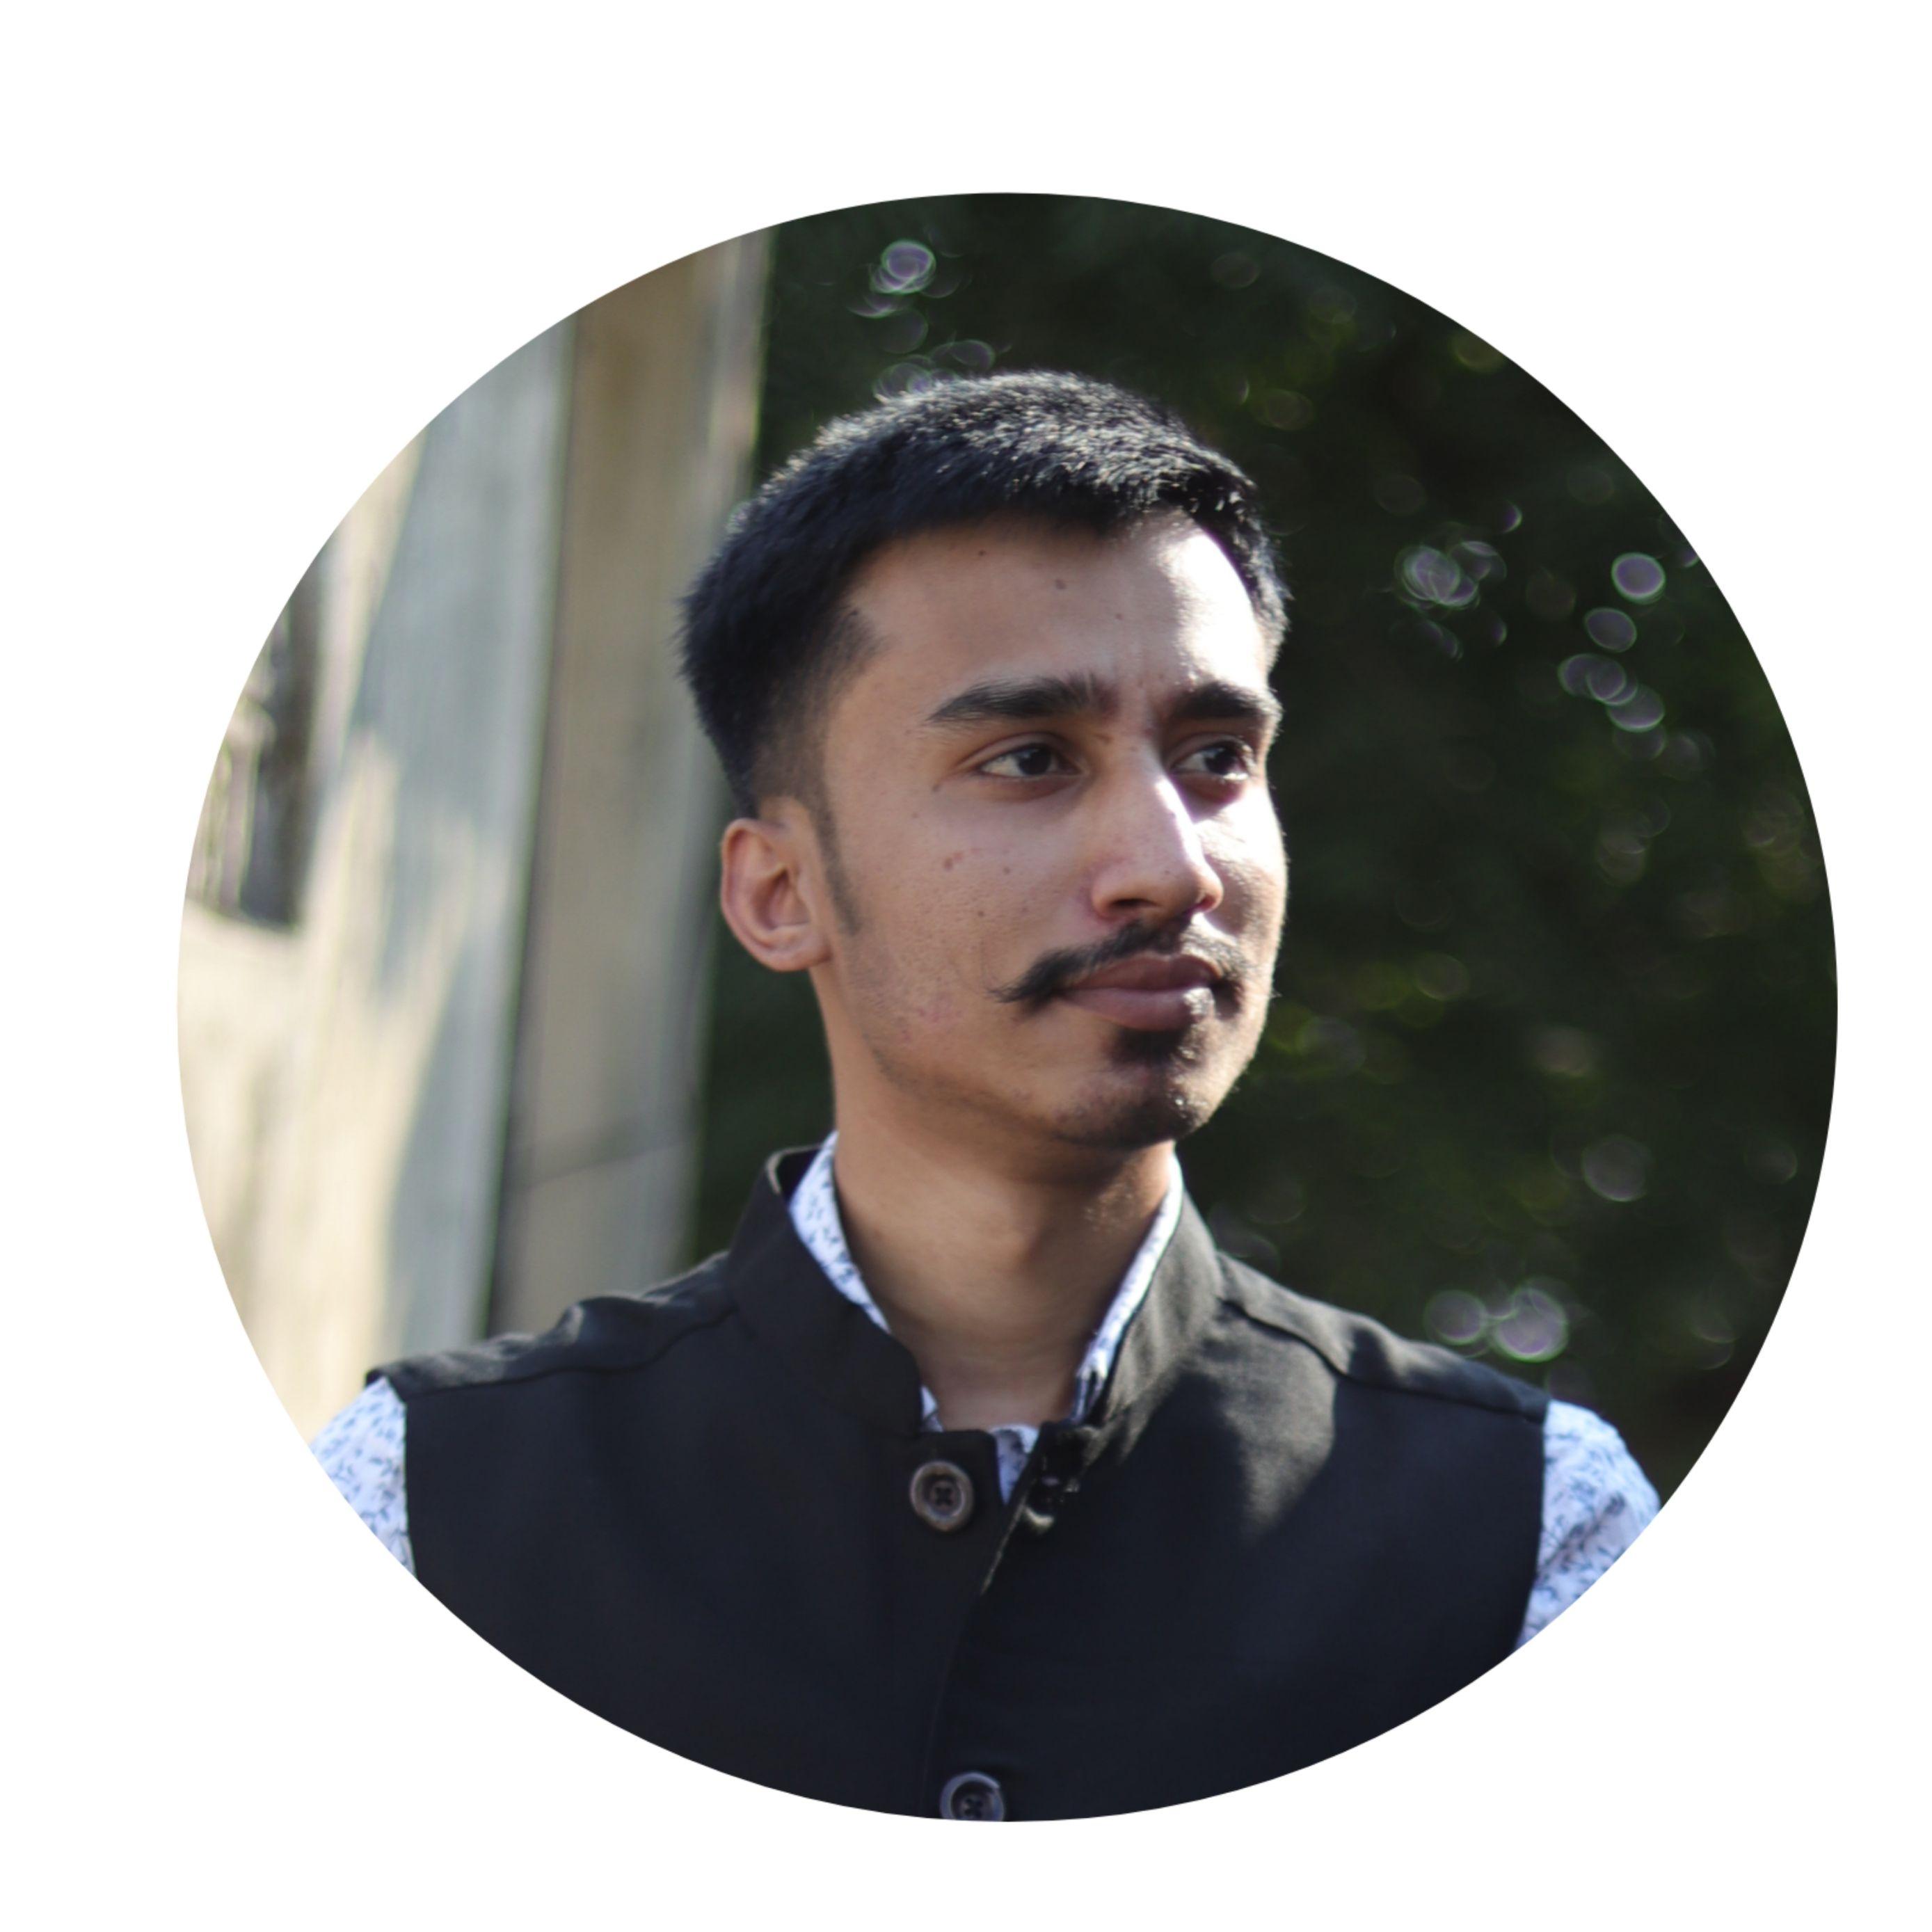 Suryabhan Singh Vaghela